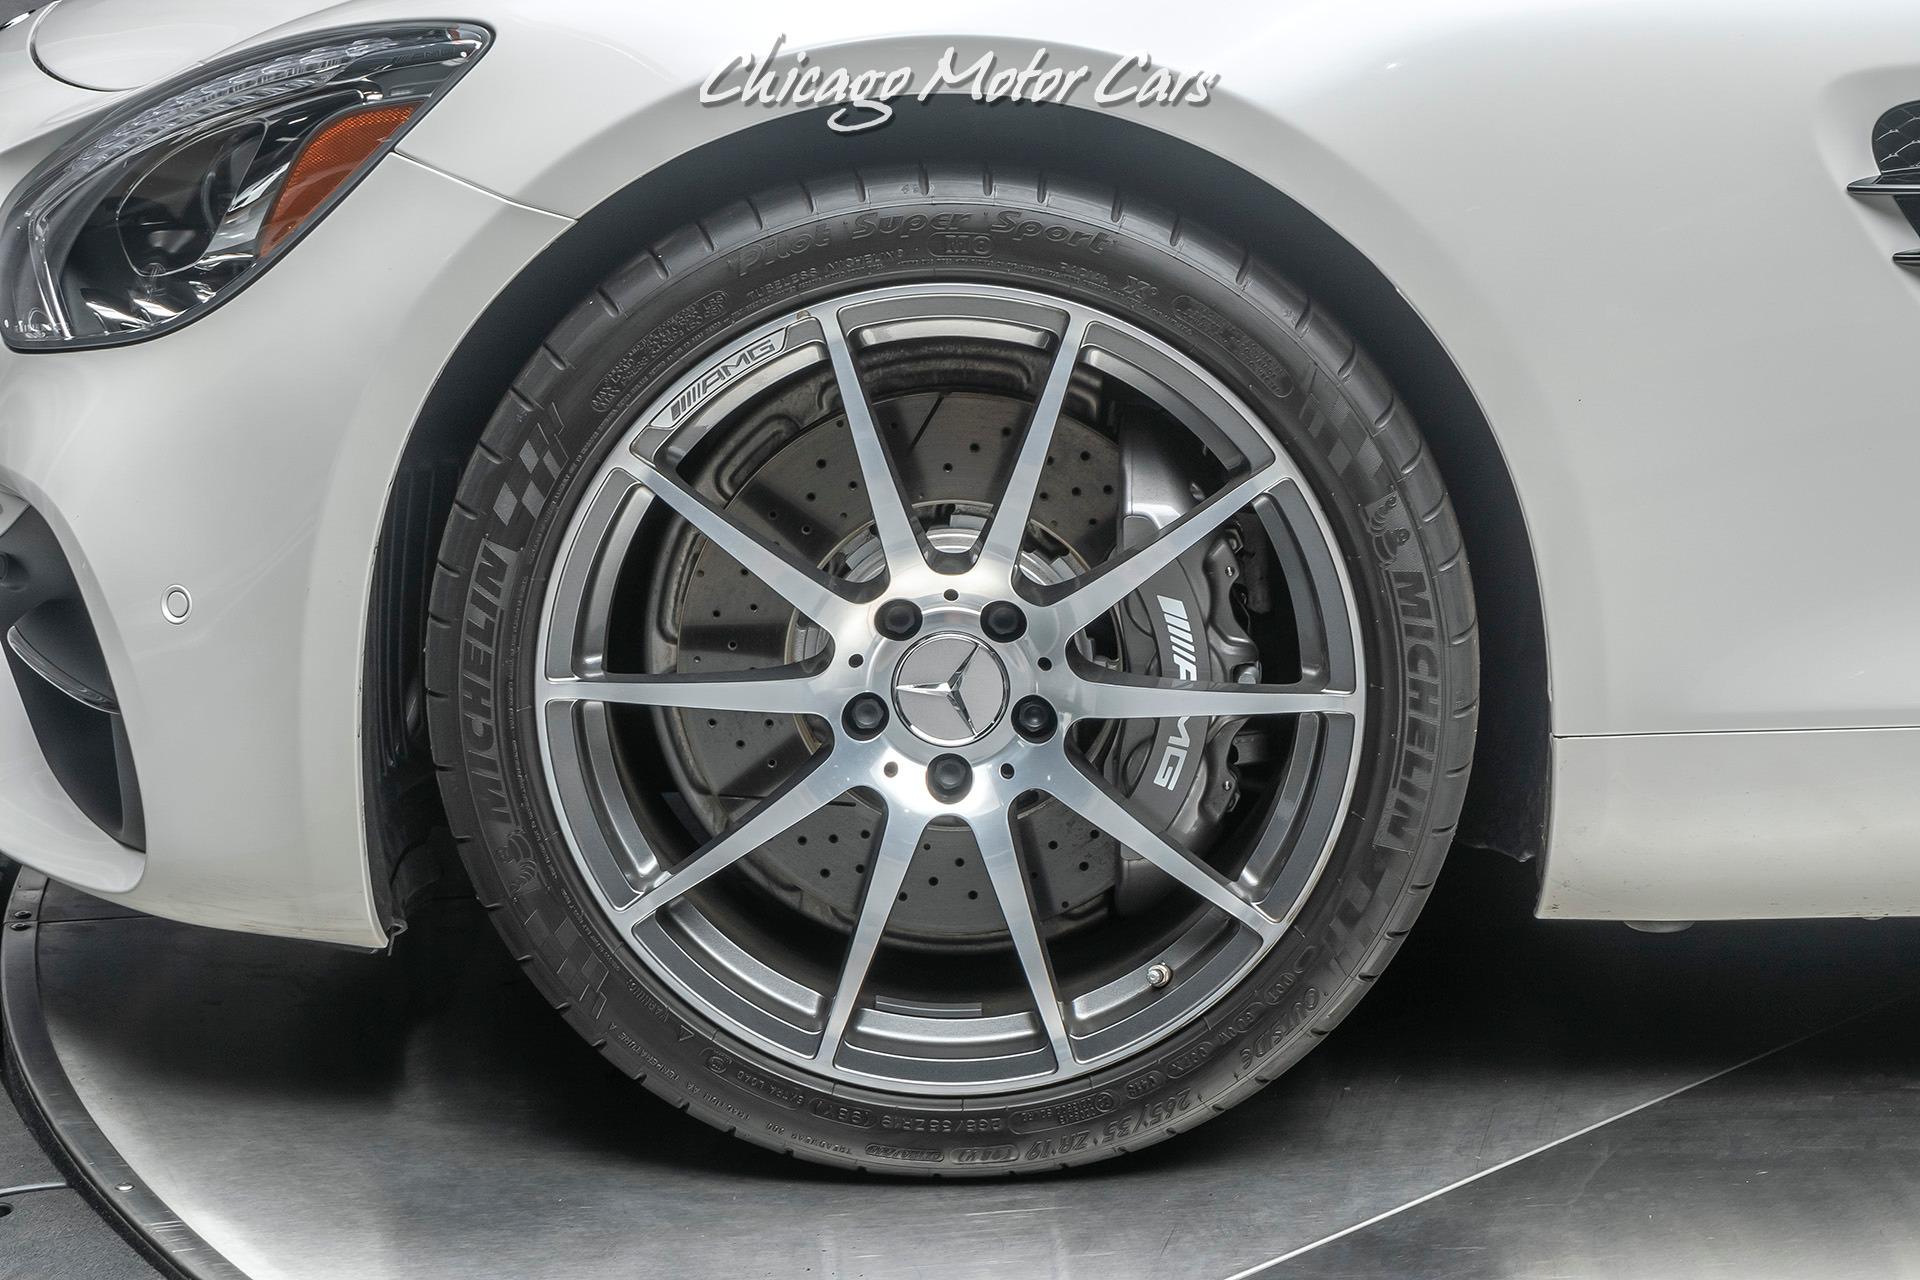 Used-2018-Mercedes-Benz-AMG-GT-Roadster-MSRP-142k